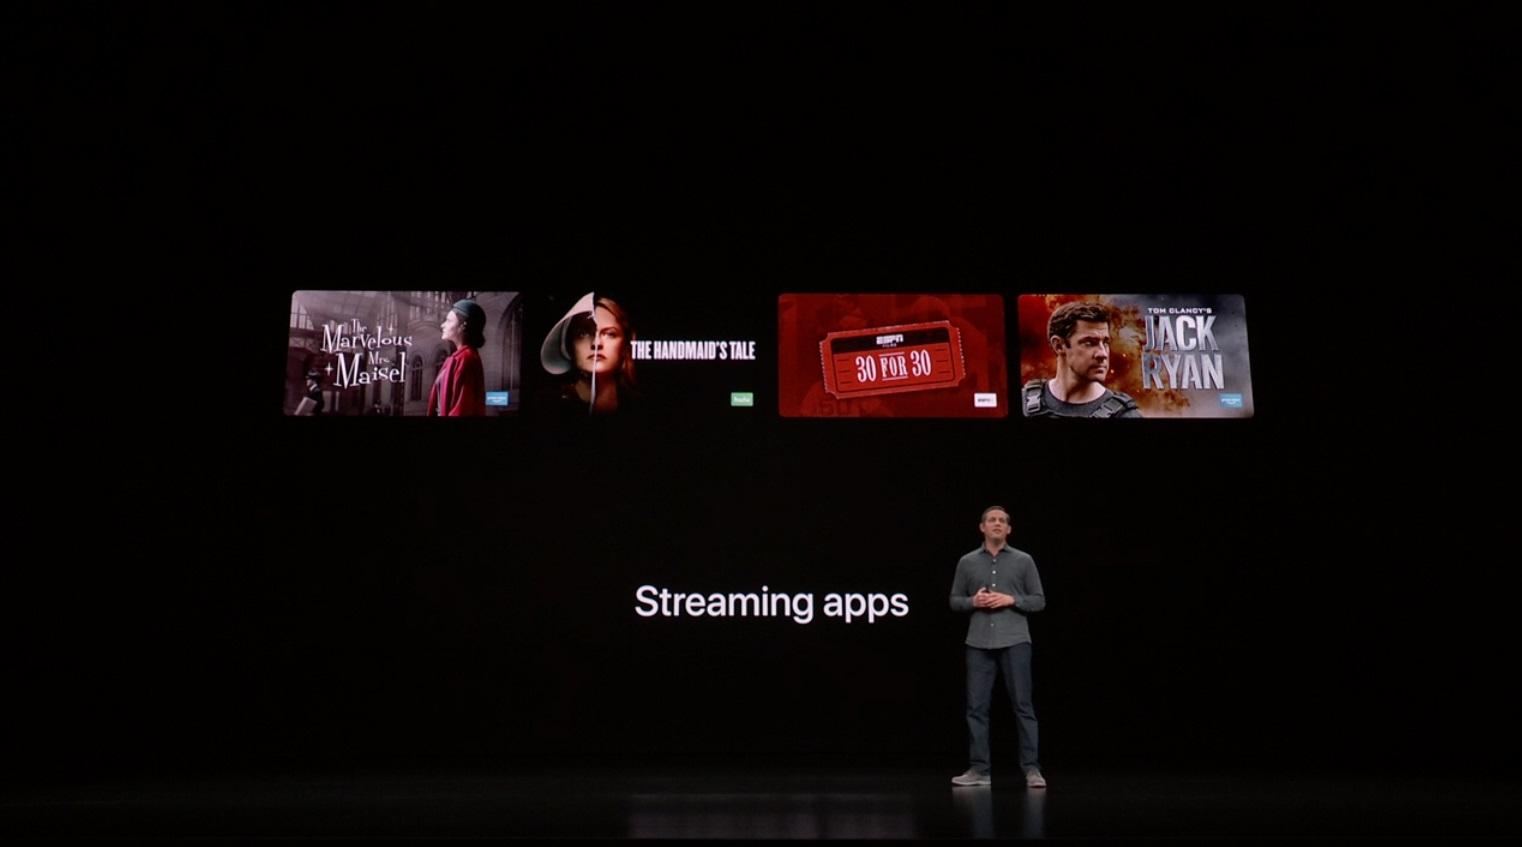 Apple TV Channels y Apple TV+: integración de servicios y contenidos exclusivos 35